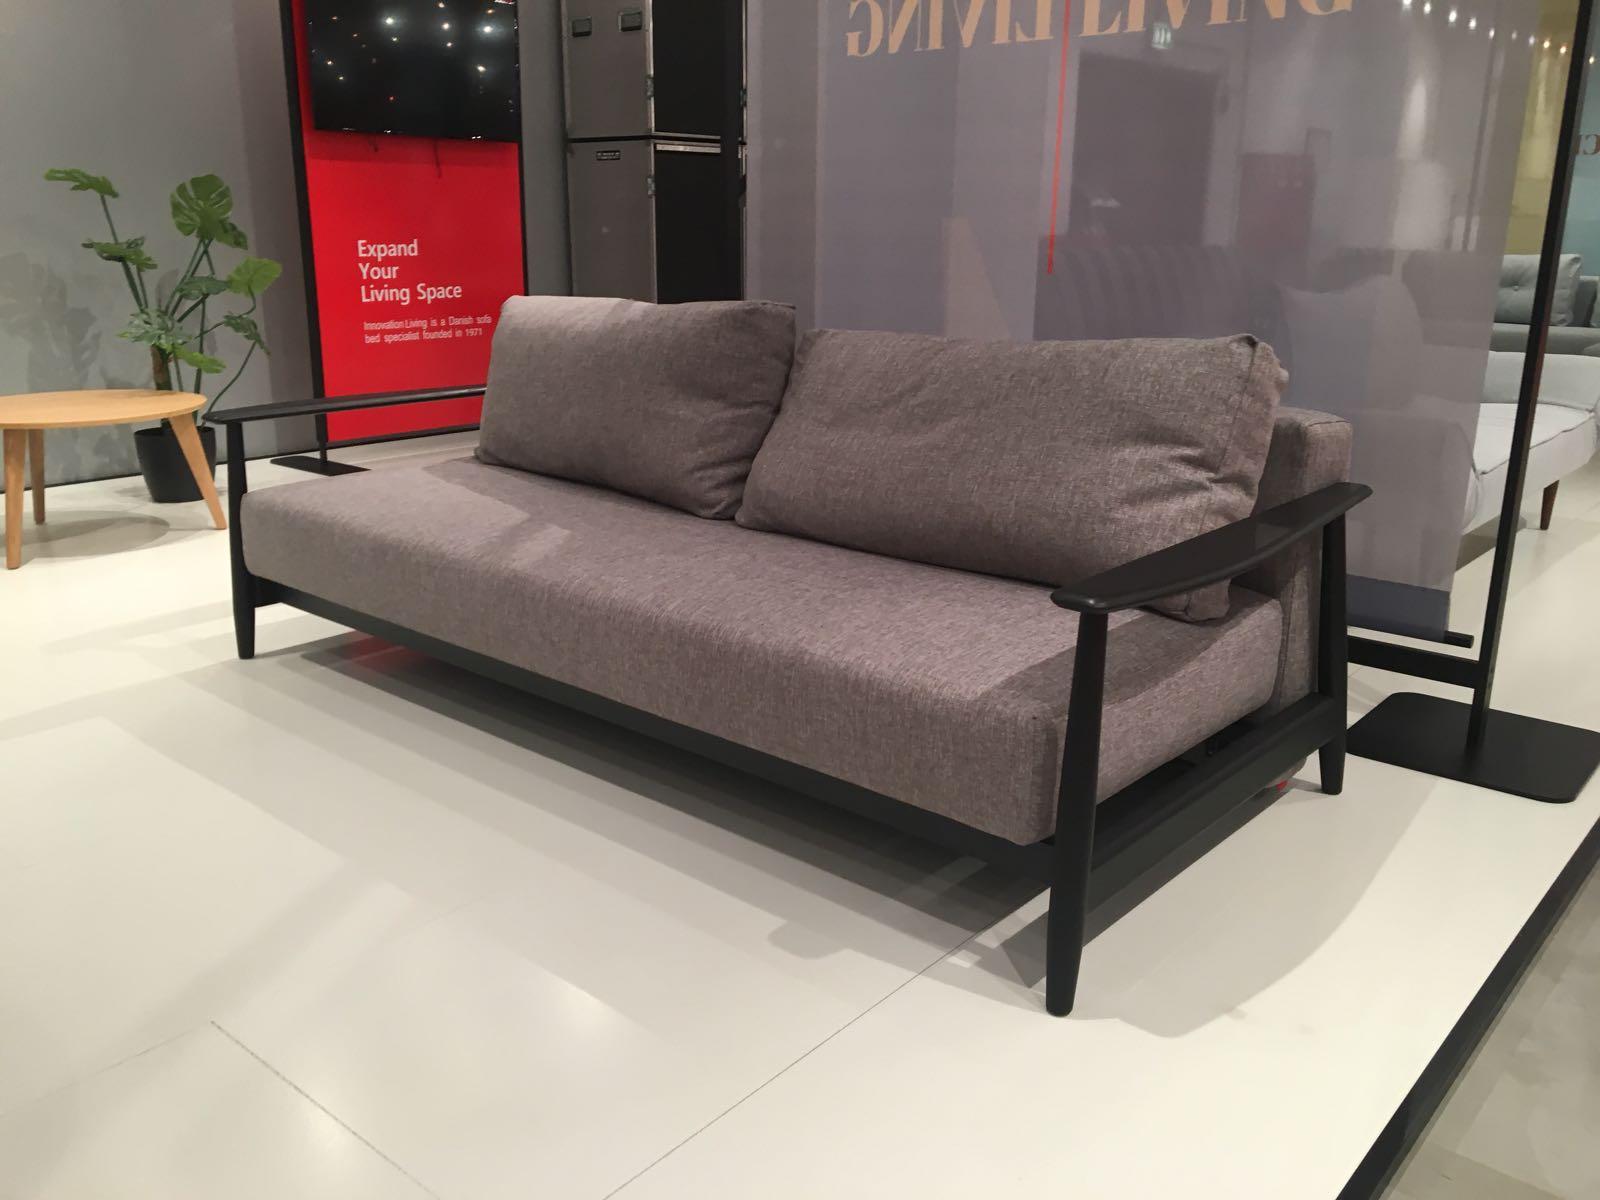 Slaapbank Design Outlet.Eluma Sleek Zitbank Slaapbank In Grijs 521 Met Blank Eikenhouten Armleuningen Showmodel